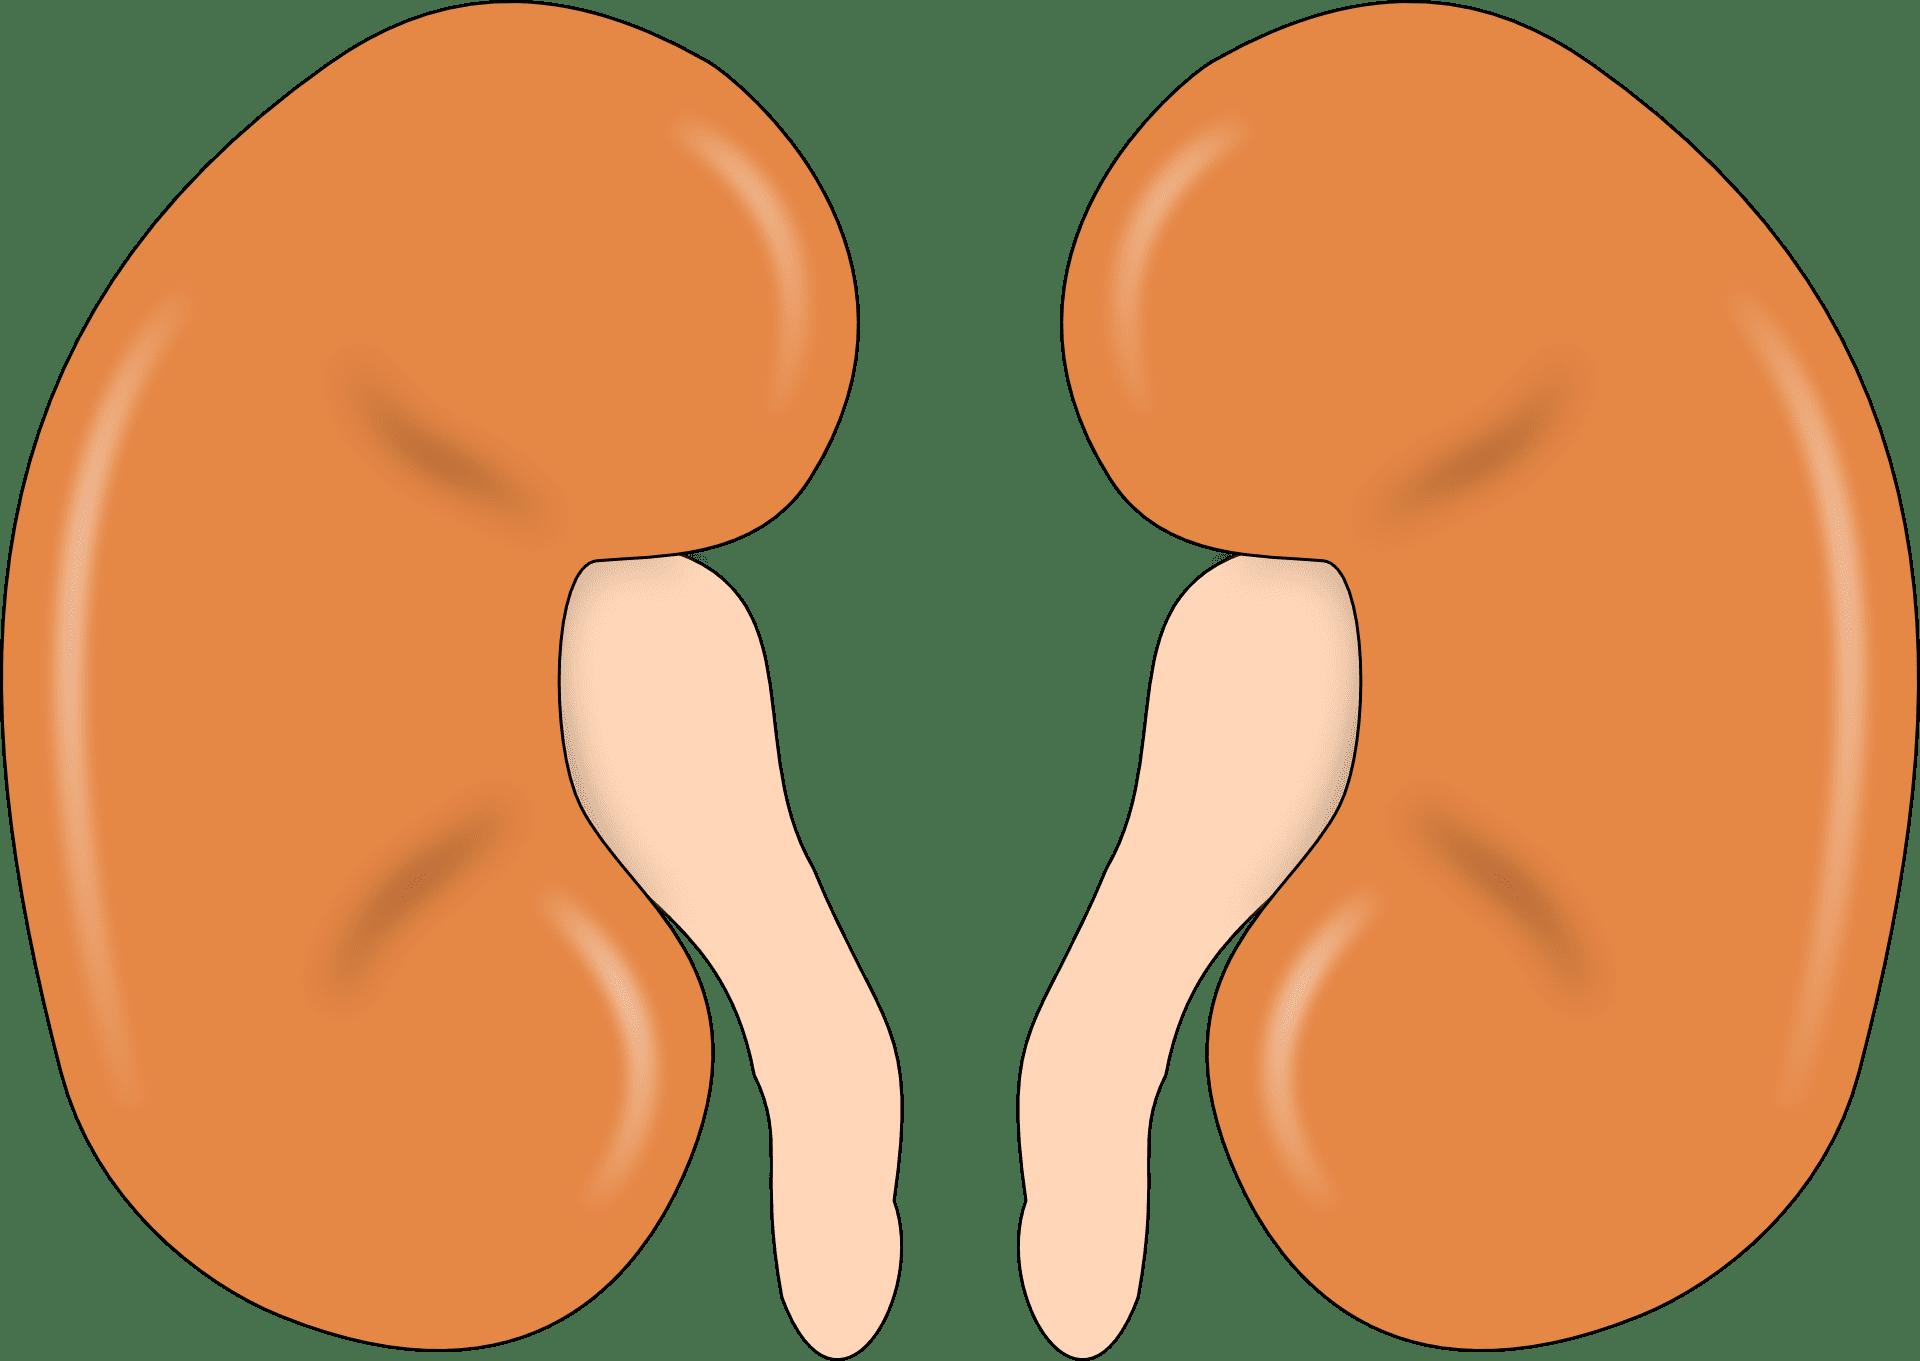 Riñones. Fuente: Pixabay